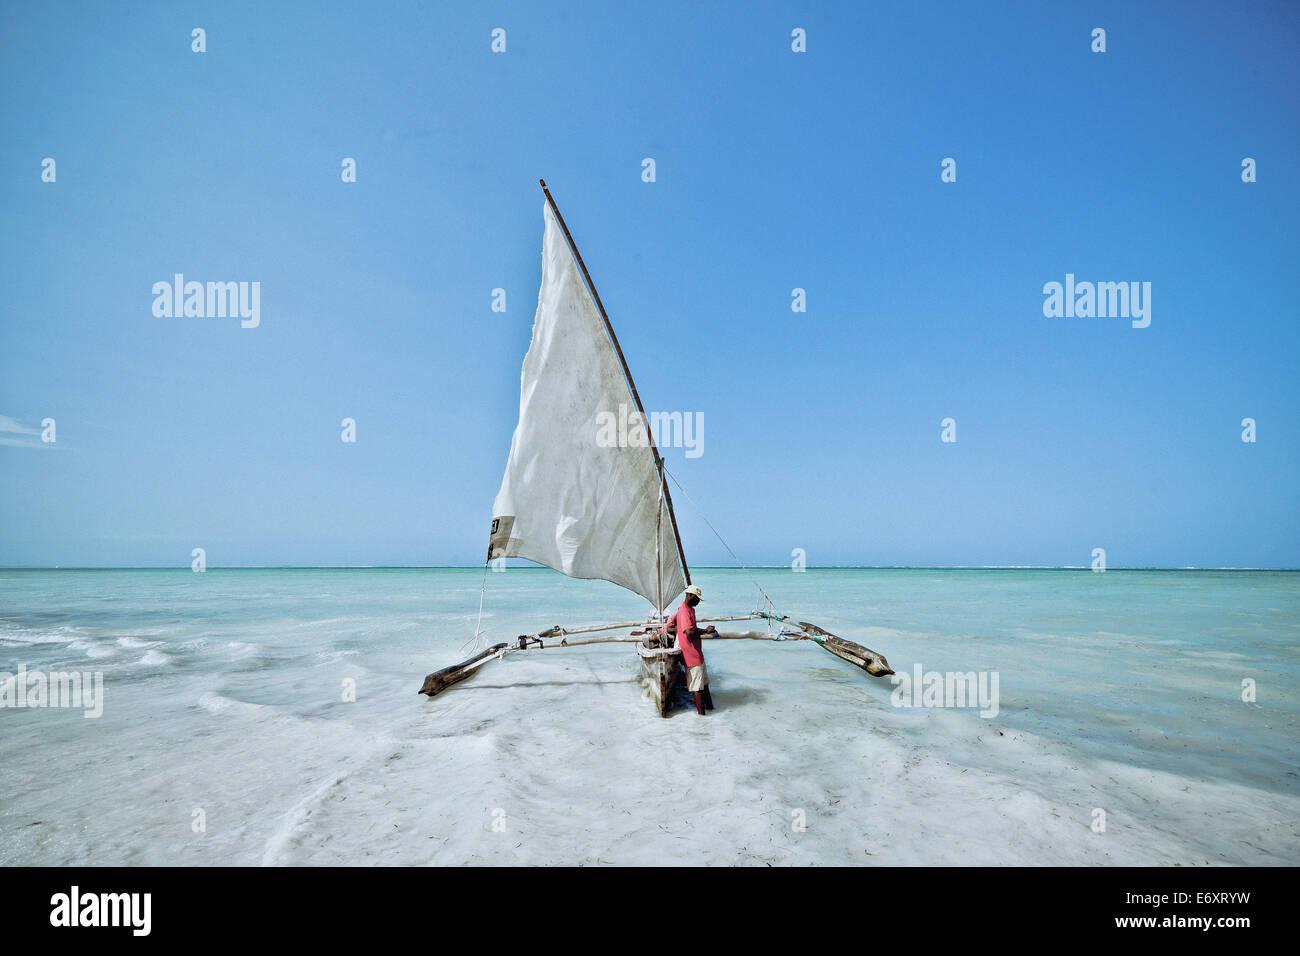 Dhow tradizionale barca a vela, Zanzibar, Tanzania Africa Immagini Stock